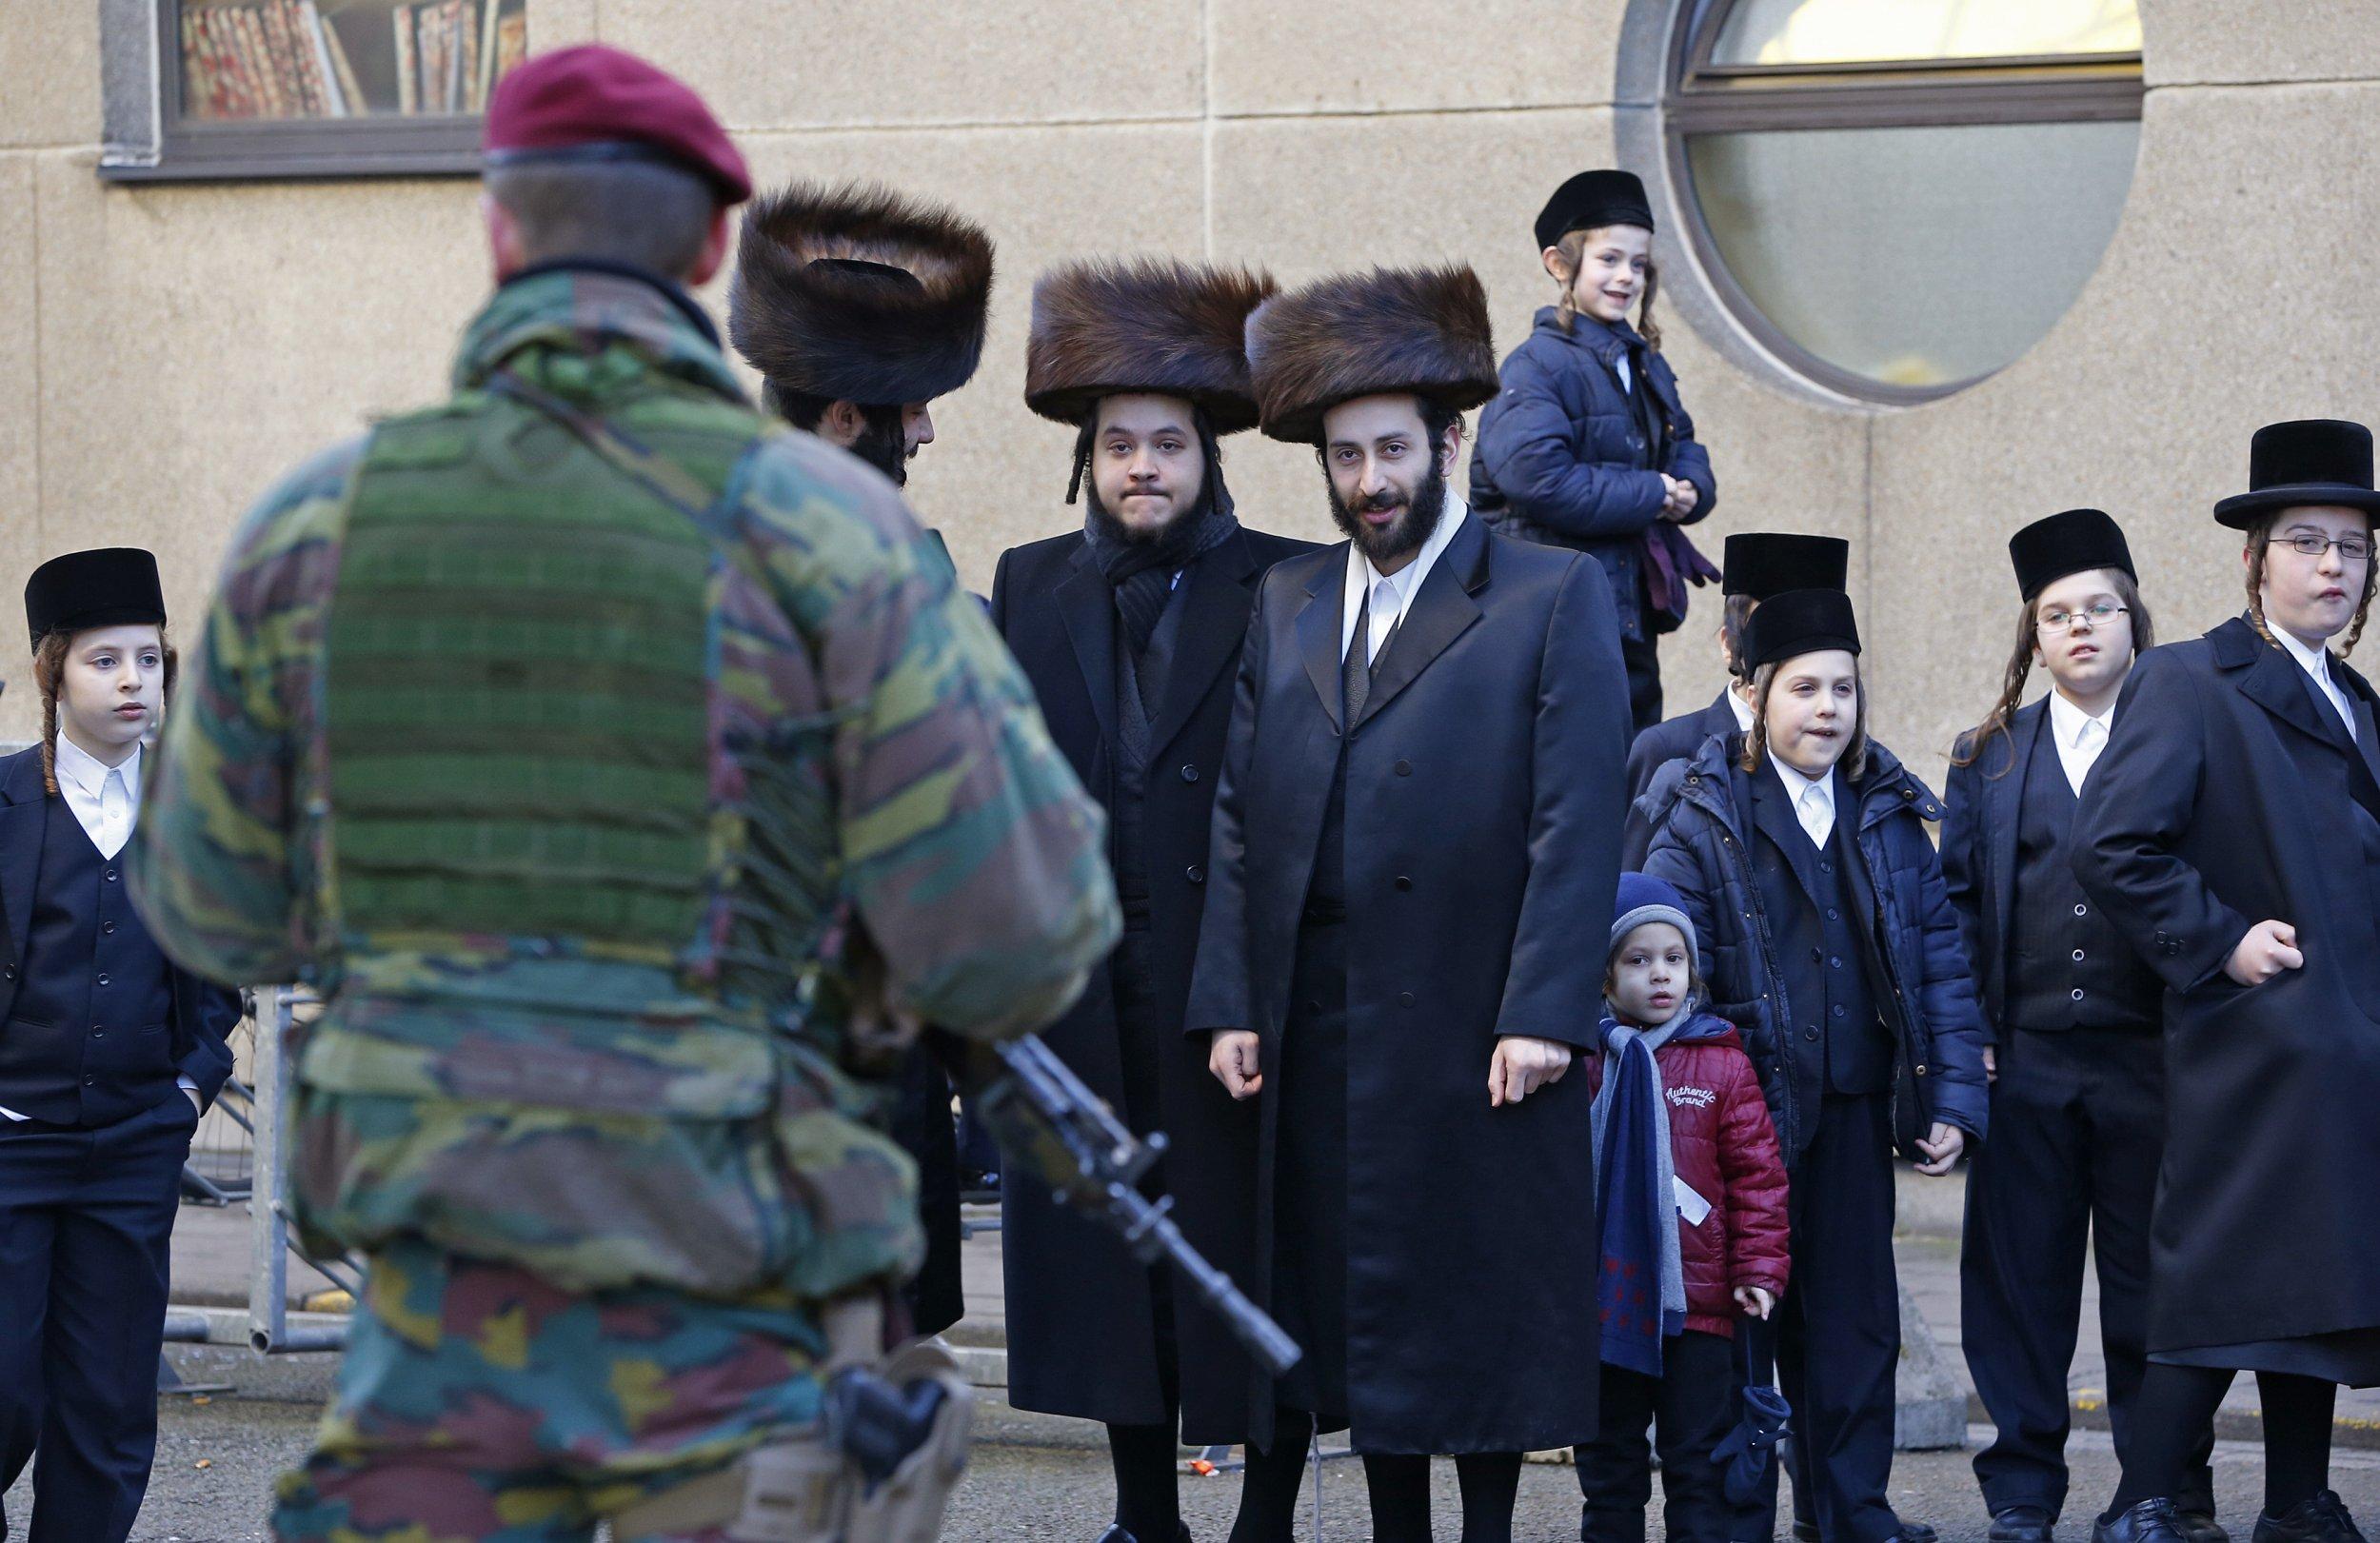 Belgian paratrooper outside a Jewish school in Antwerp